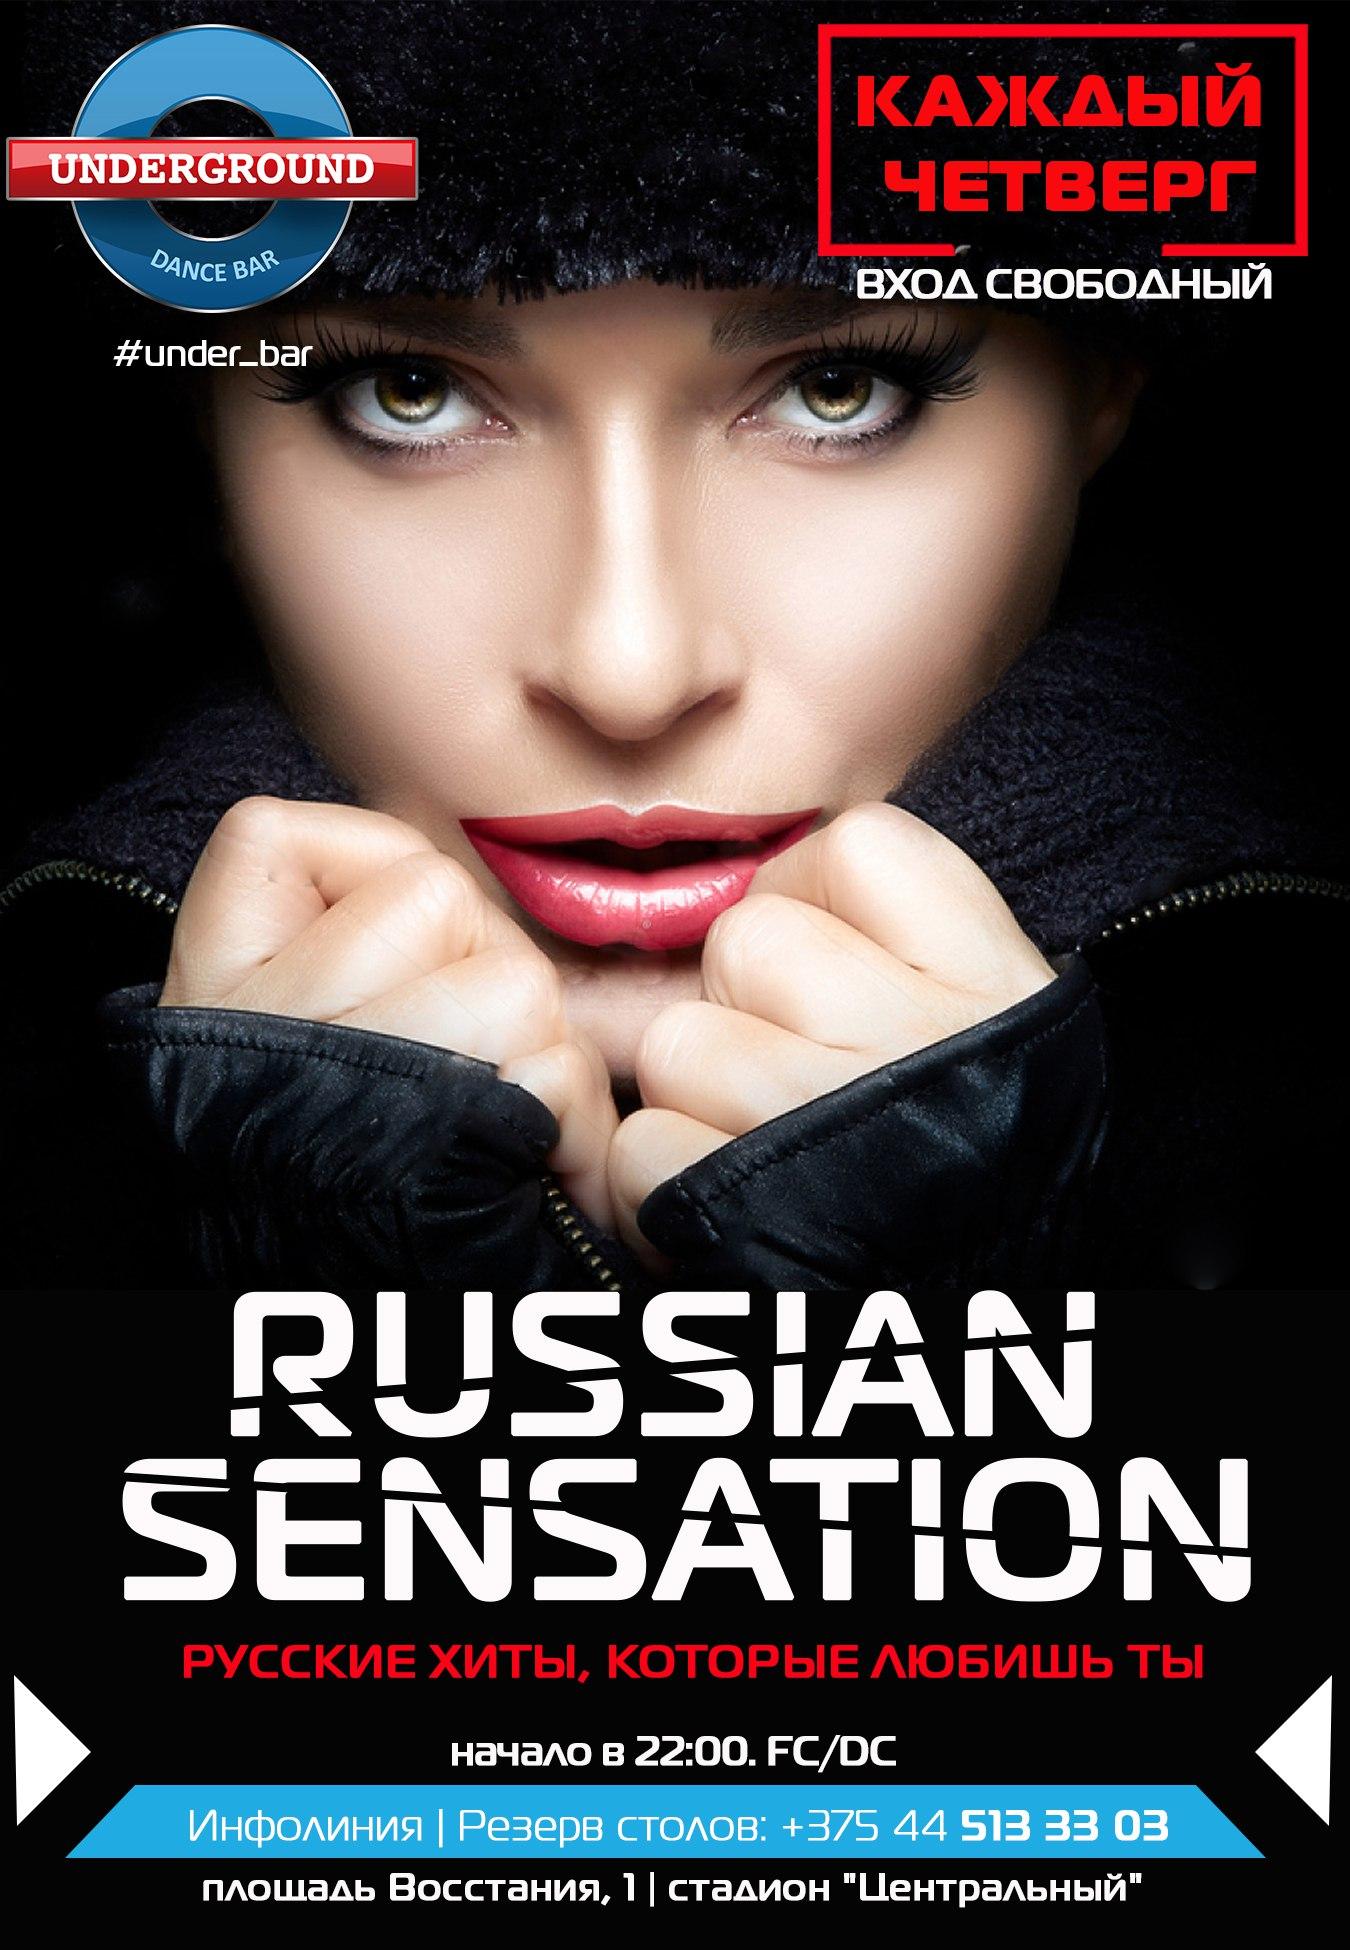 Афиша Русской вечеринки в Баре Underground